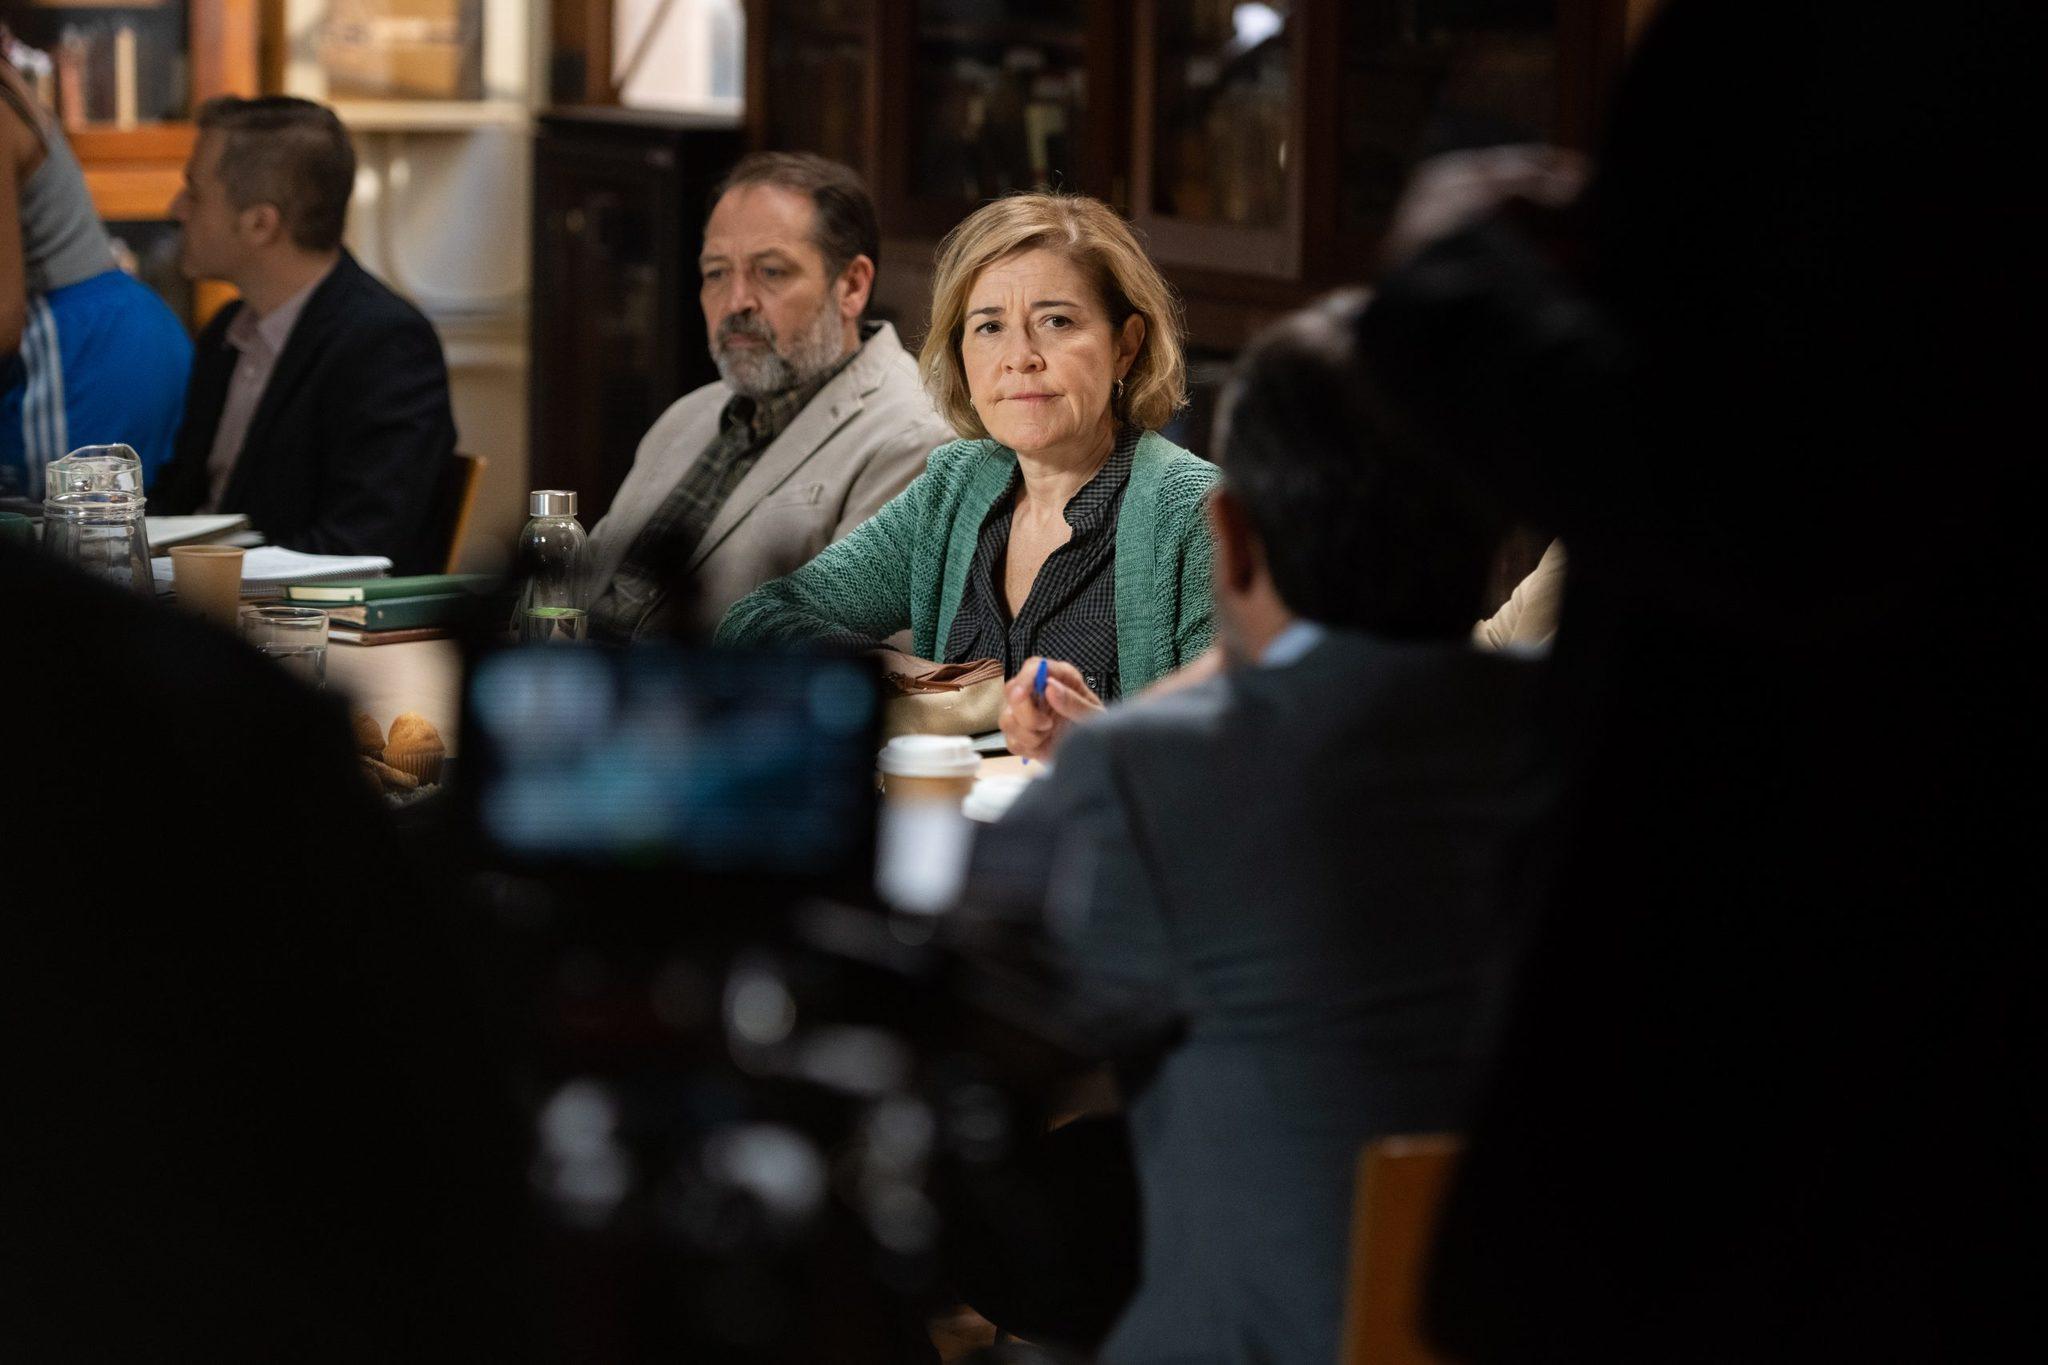 María Pujal, catedrática de Filosofía en la serie, durante la grabación